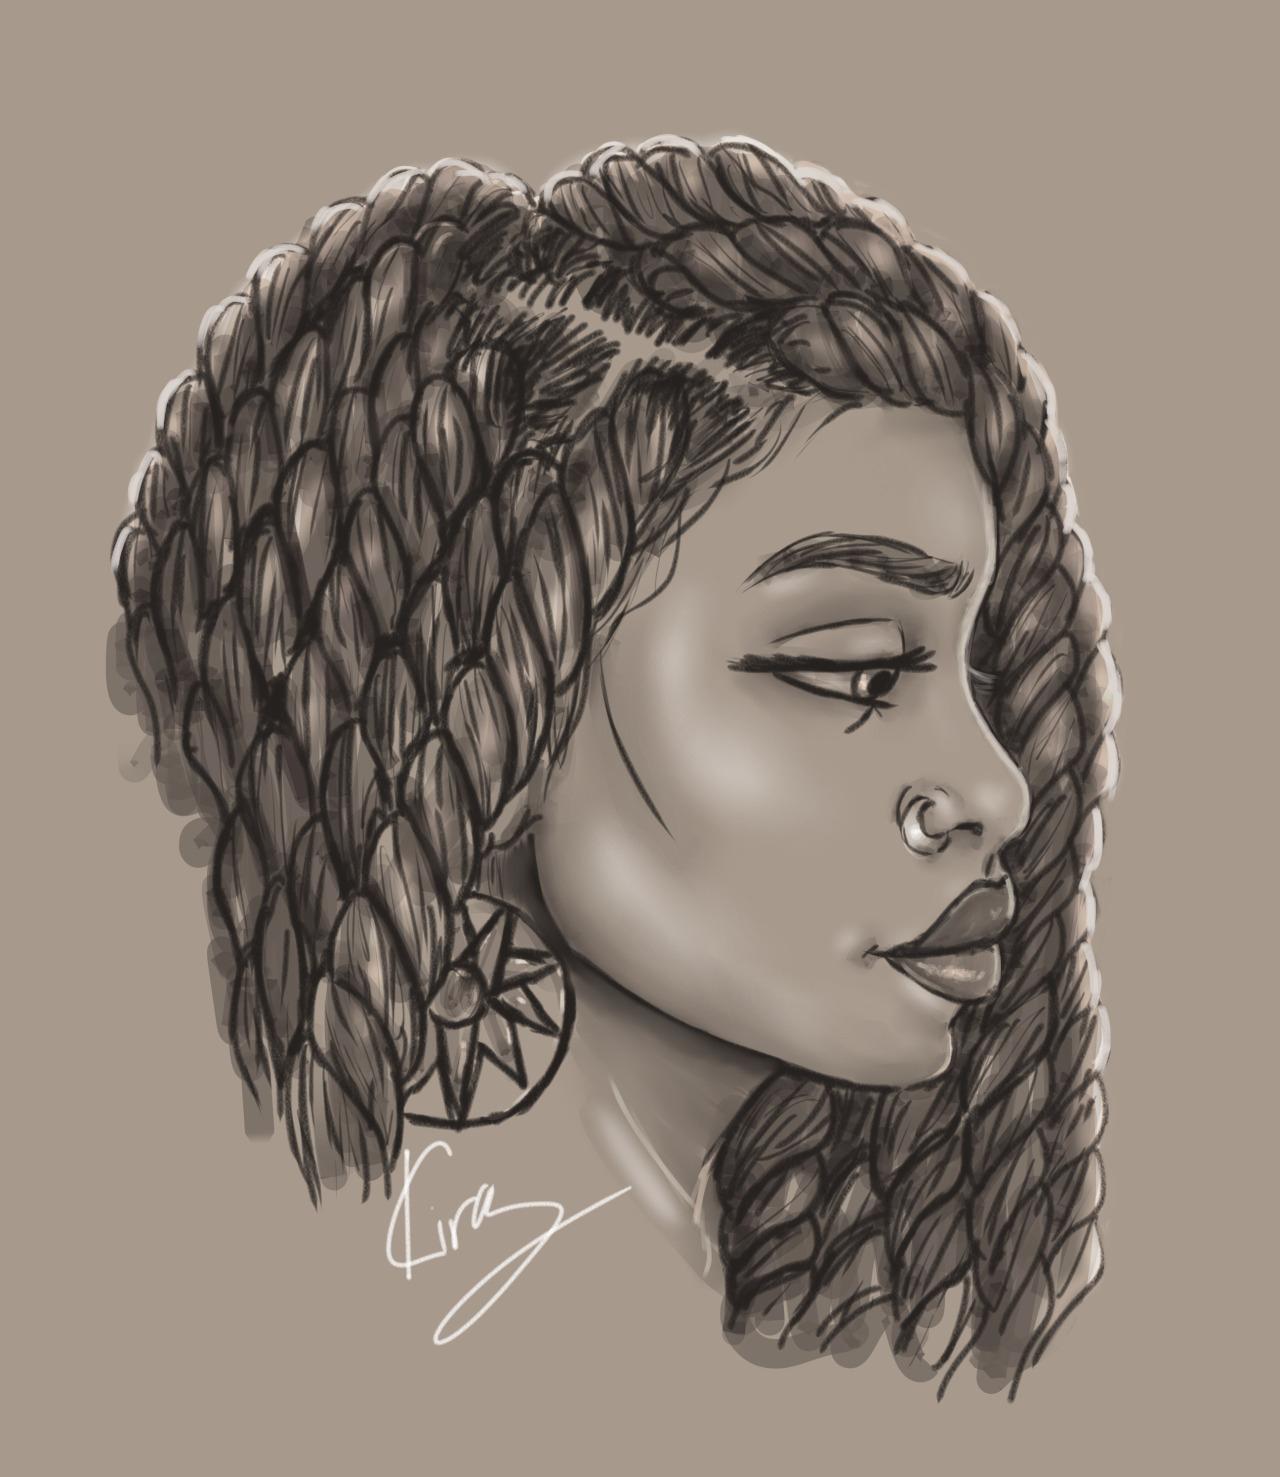 1280x1477 Black Girl Drawing Tumblr African American Girl Drawing Tumblr